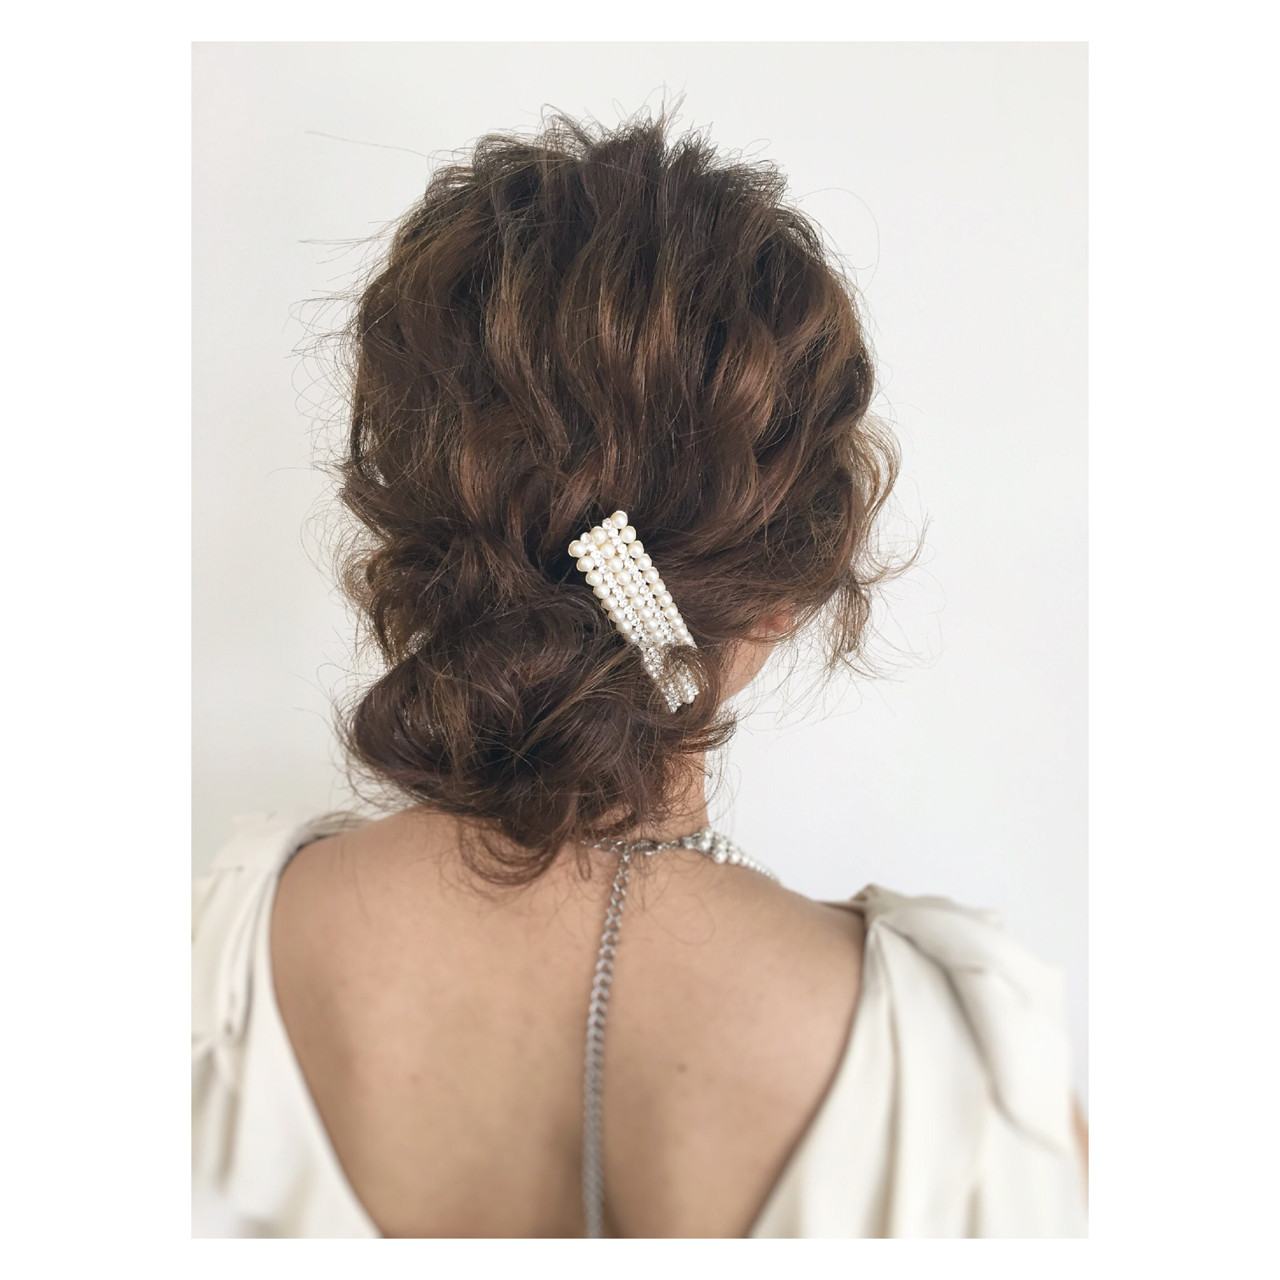 お団子 メッシーバン ヘアアレンジ シニヨン ヘアスタイルや髪型の写真・画像